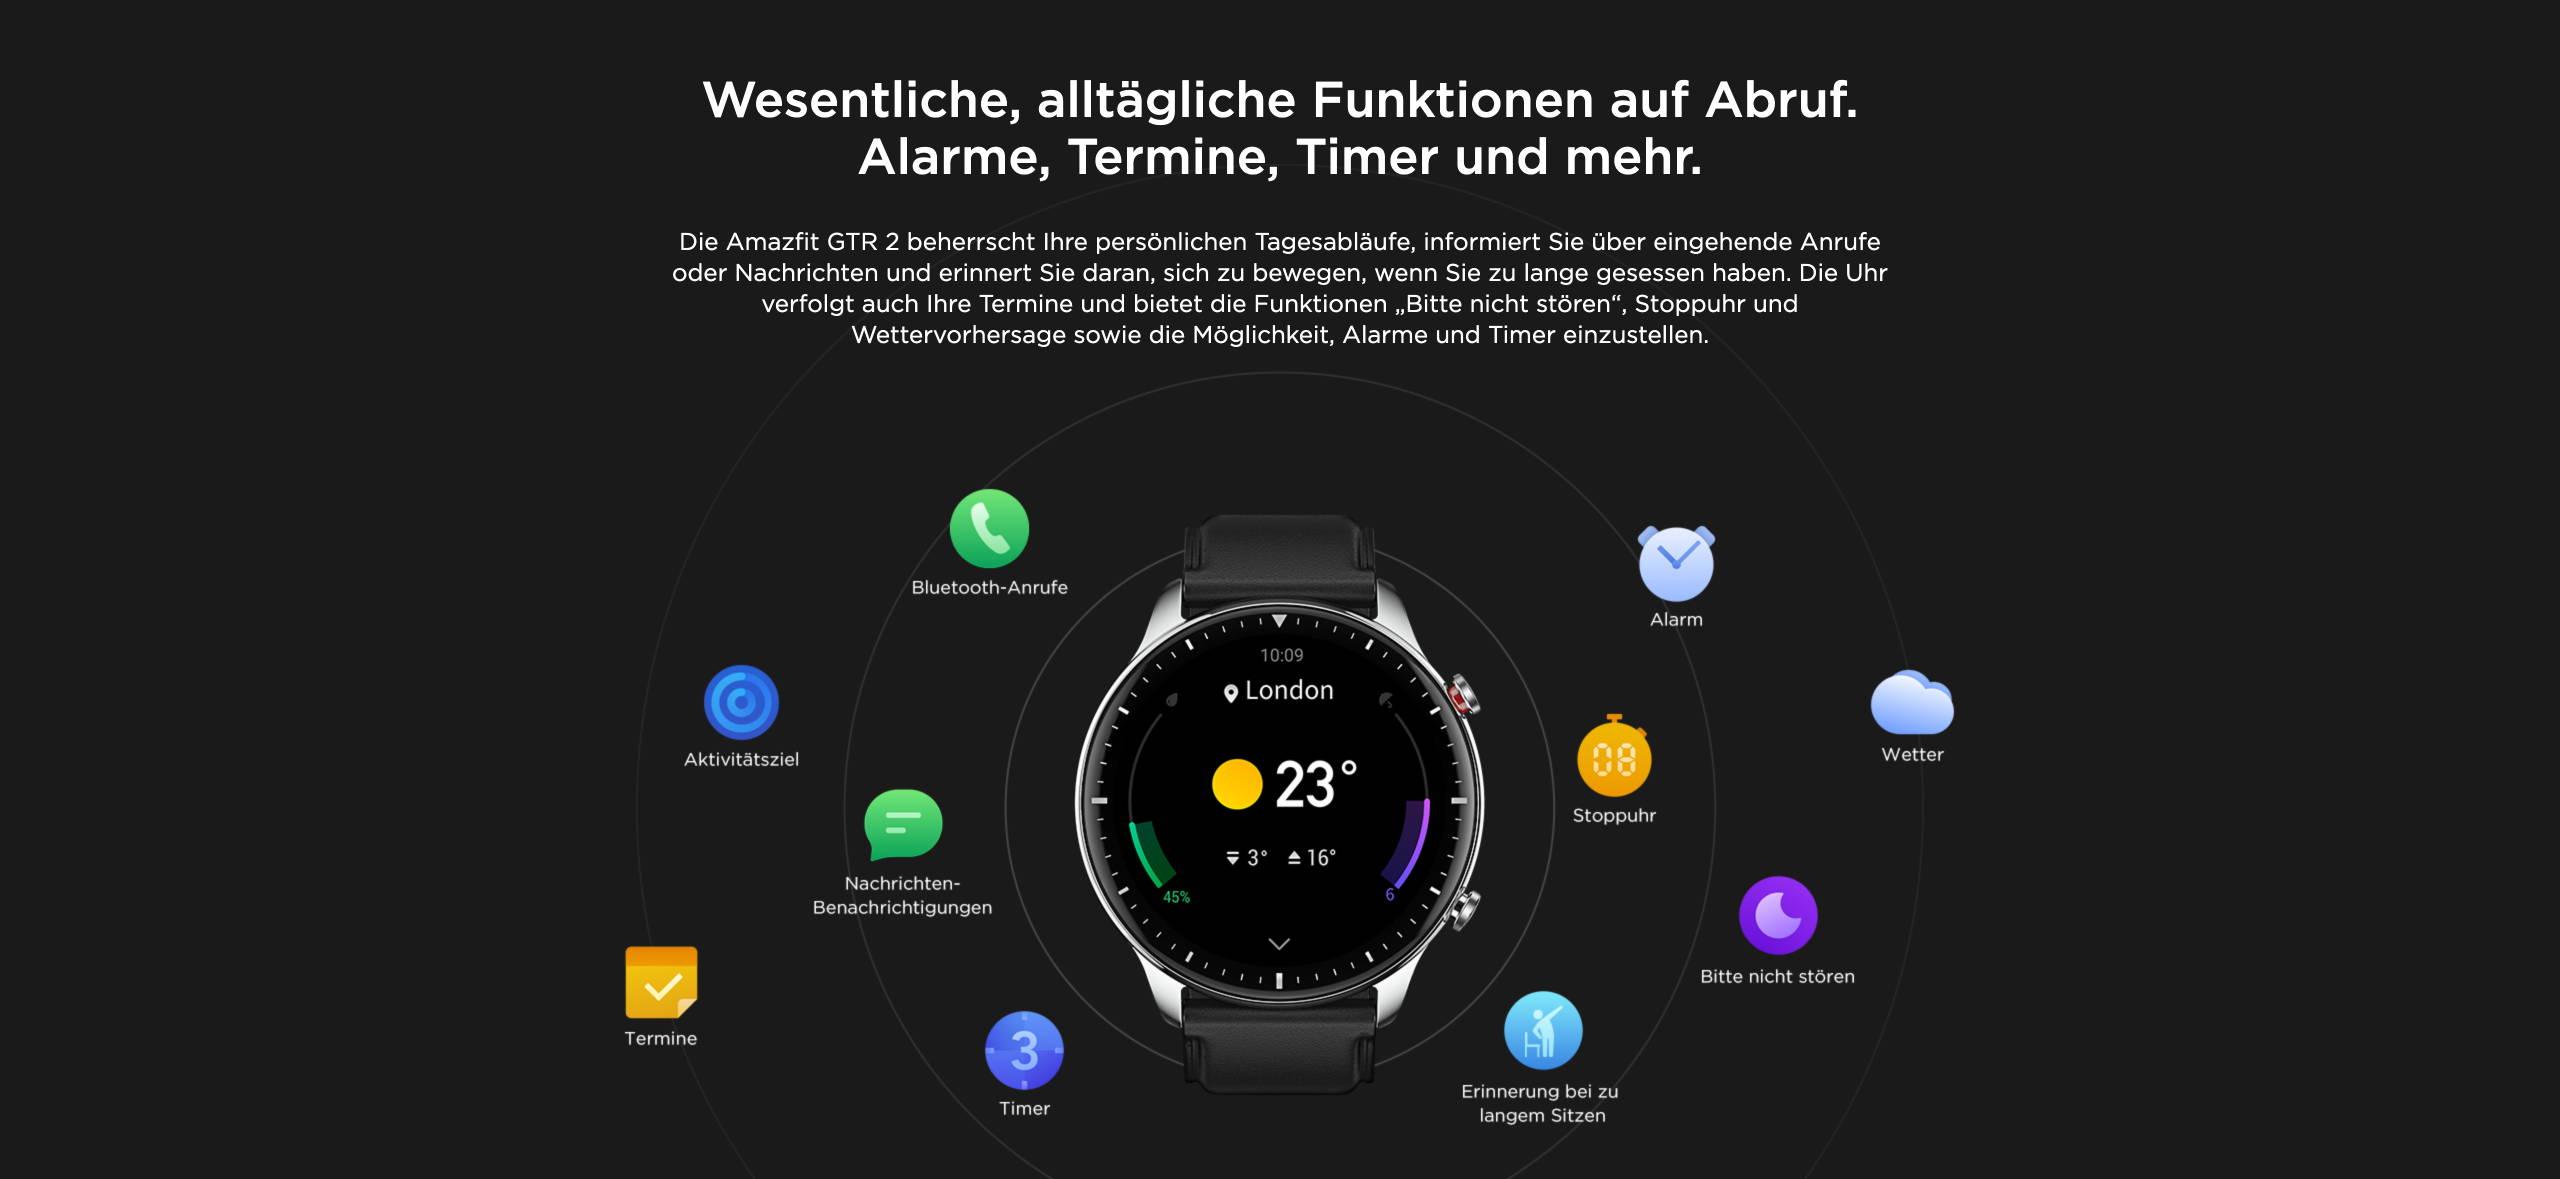 Amazfit GTR 2 - Wesentliche, alltägliche Funktionen auf Abruf. Alarme, Termine, Timer und mehr.